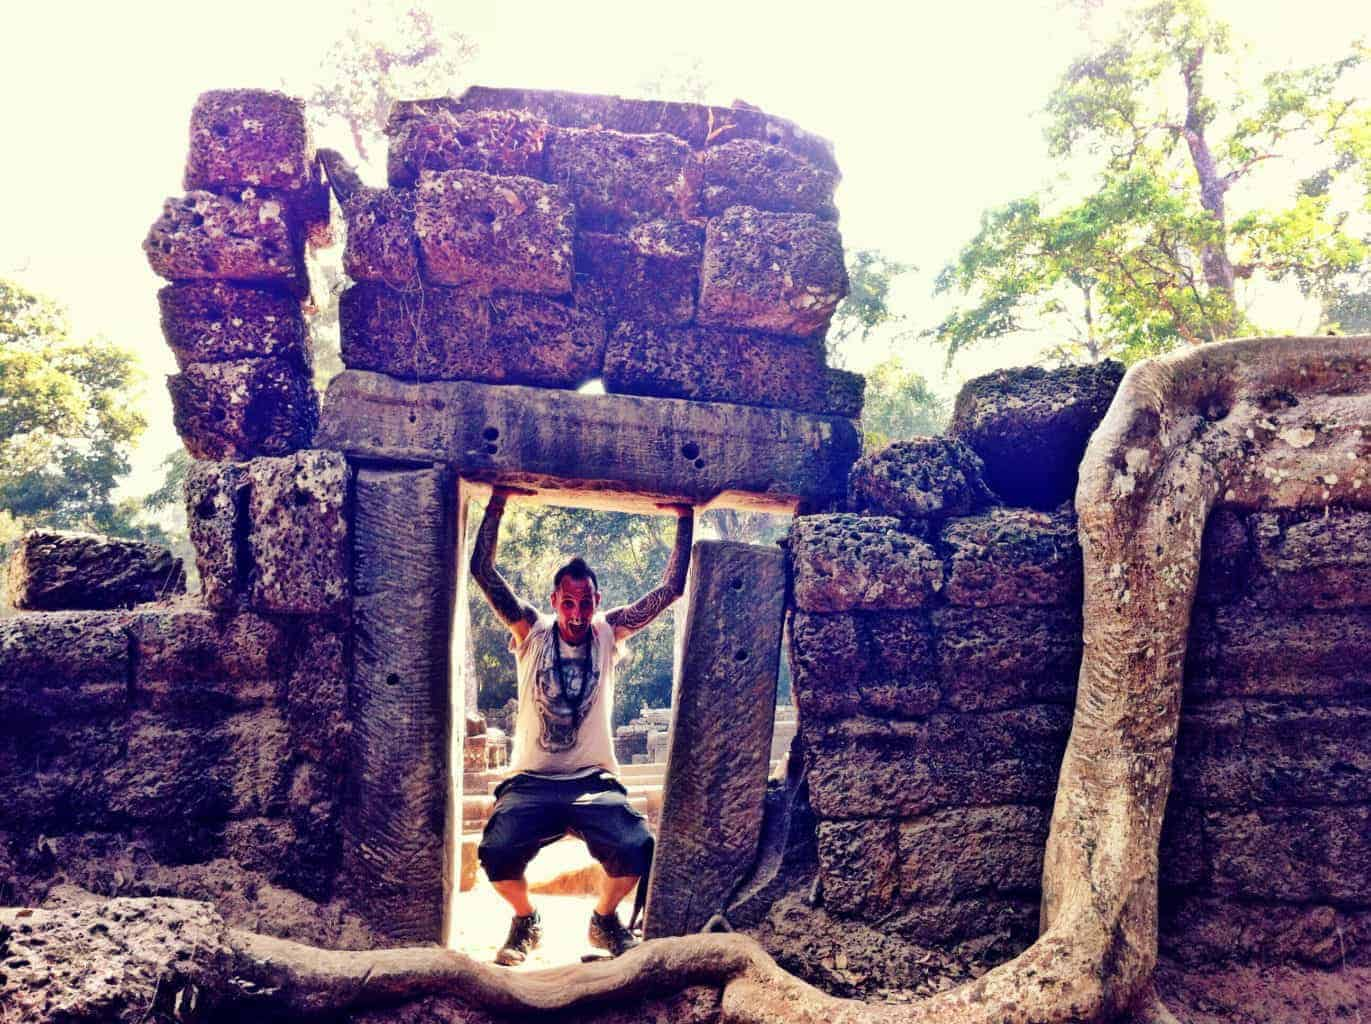 eLPuTocaRDi-SoulSearching-Angkor